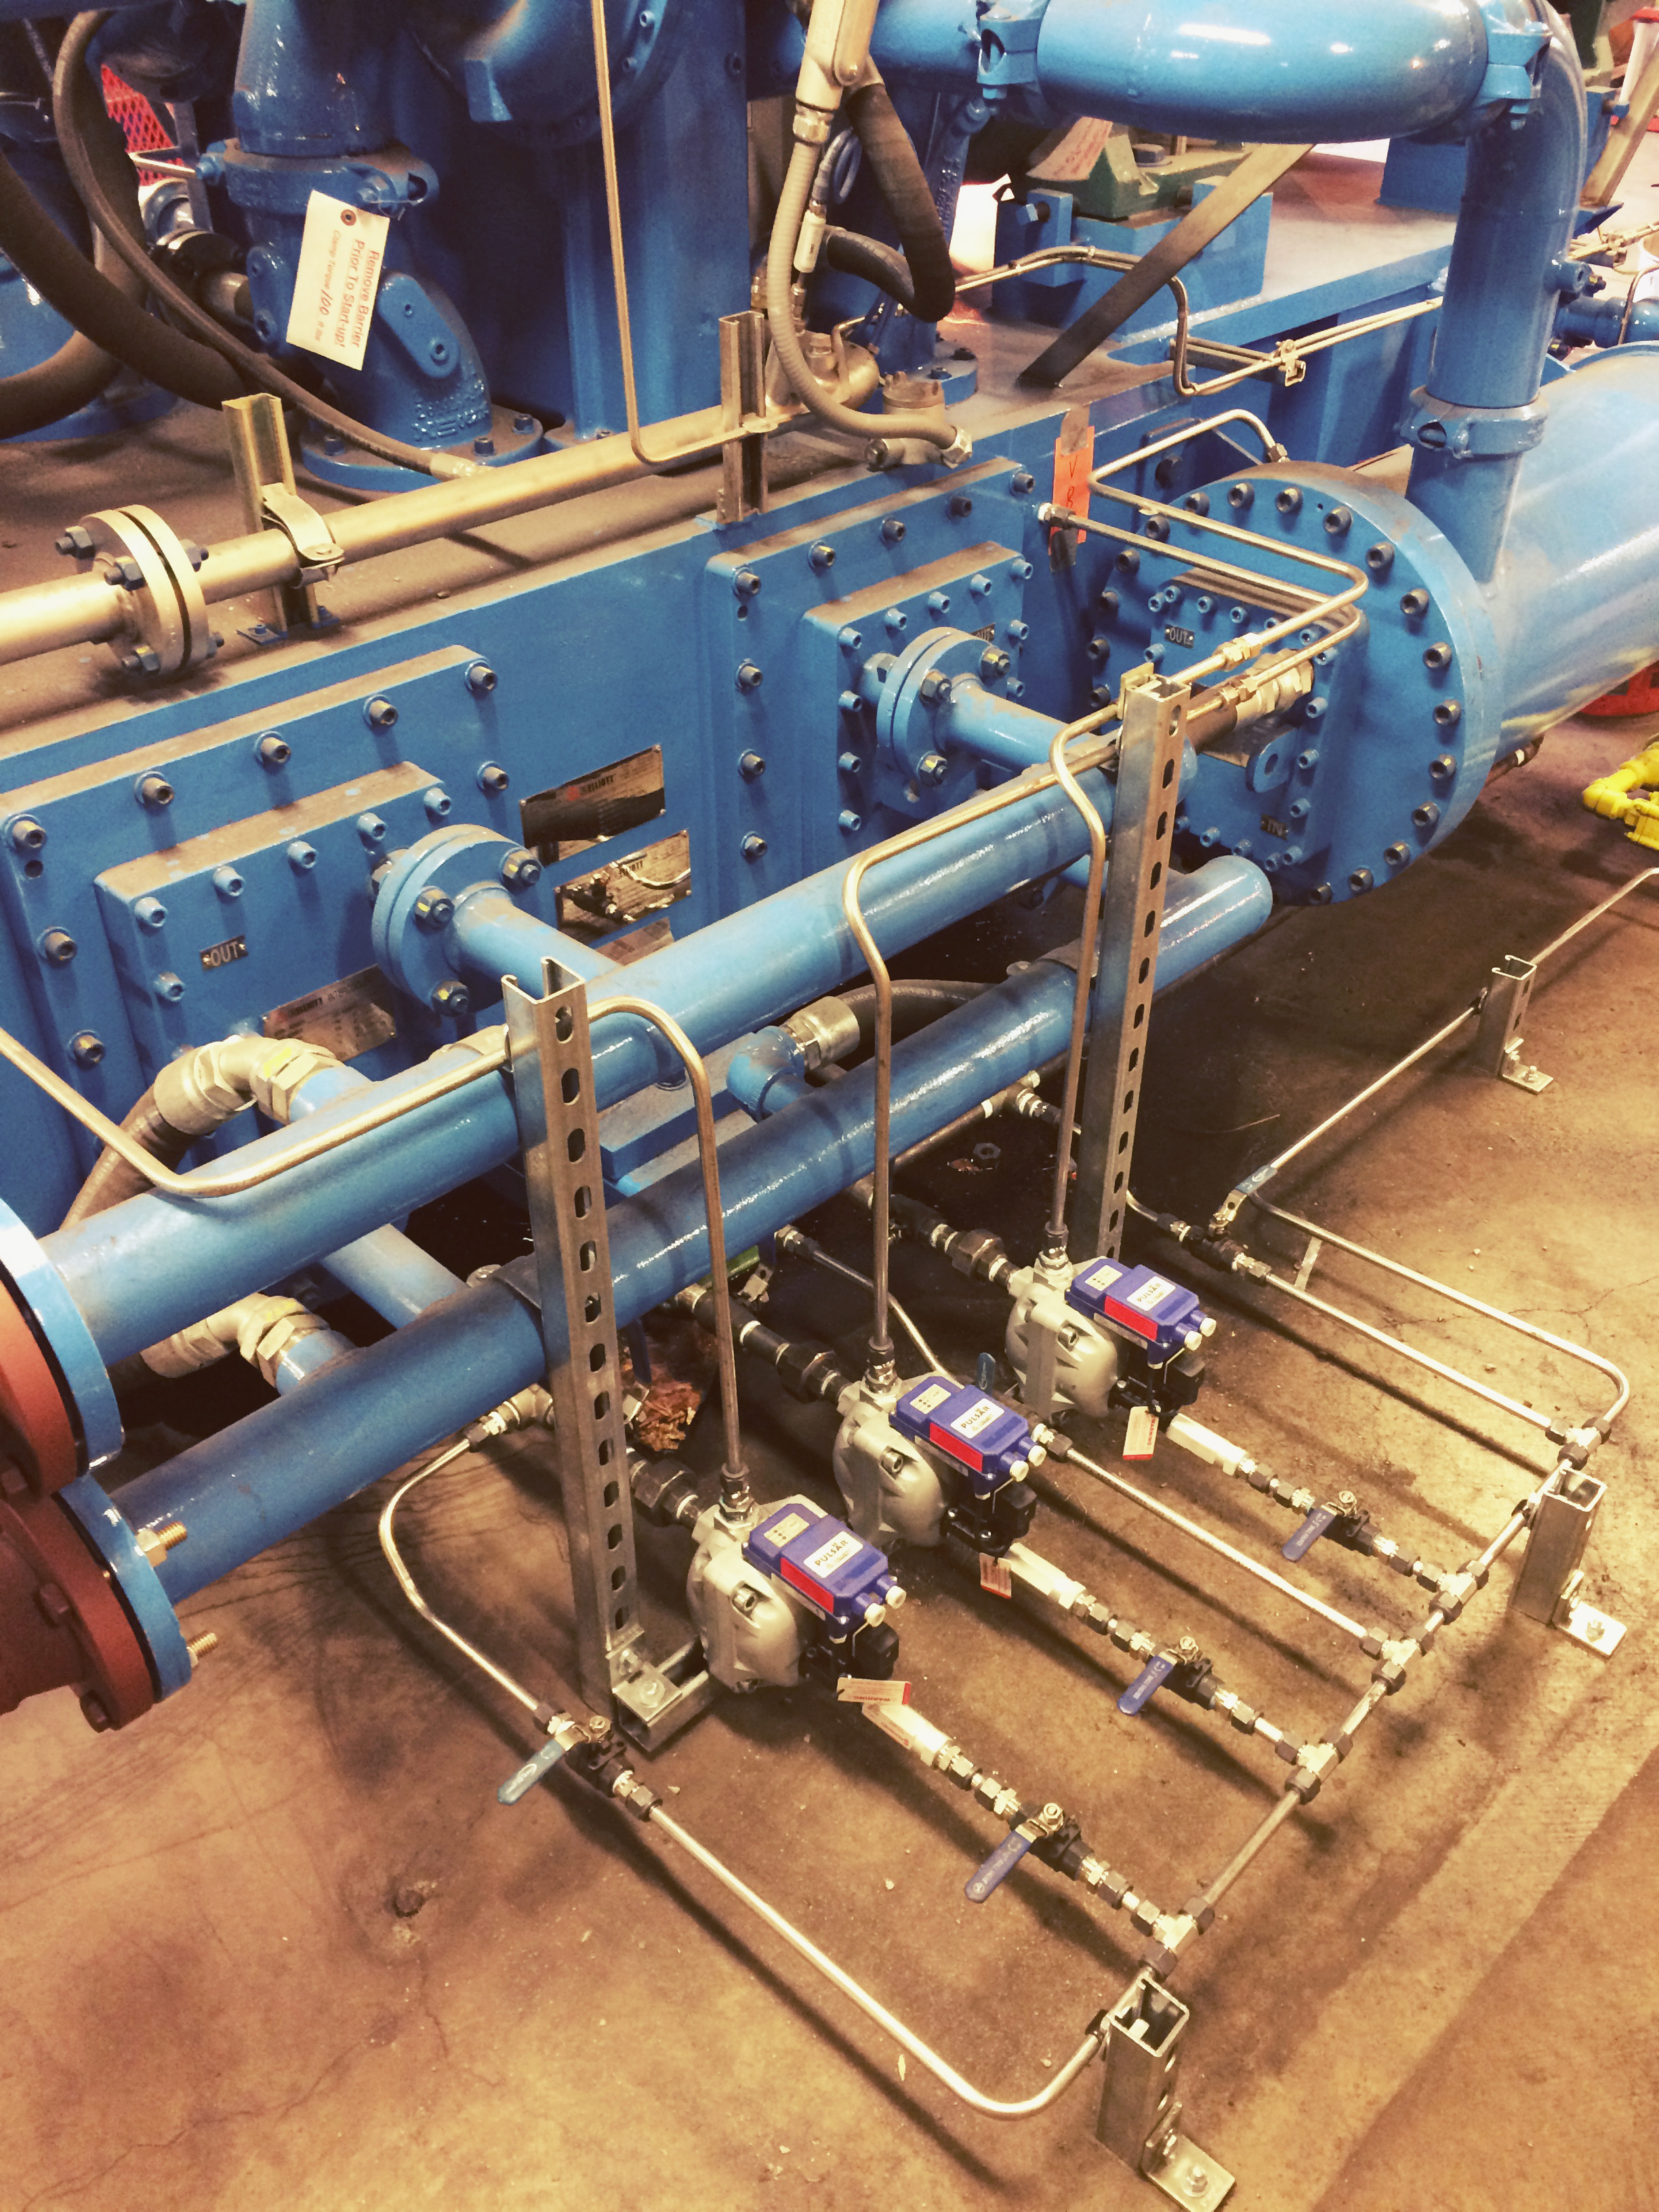 Compressor & Tubing Install